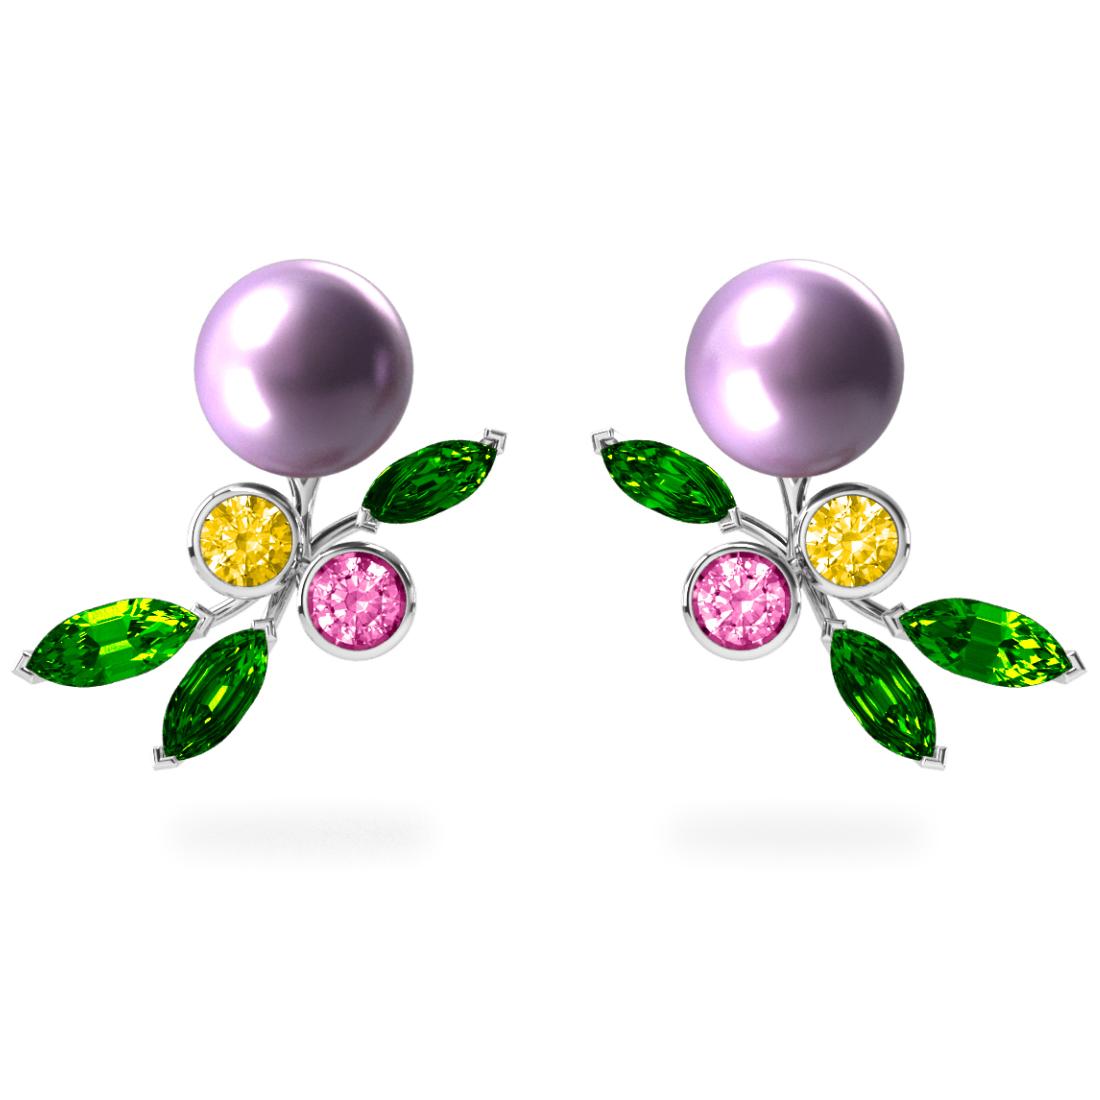 Boucles d'oreilles My Angel Lavande - Saphirs, diamants, tsavorites & perles d'eau douce <br /> Or blanc 18 carats